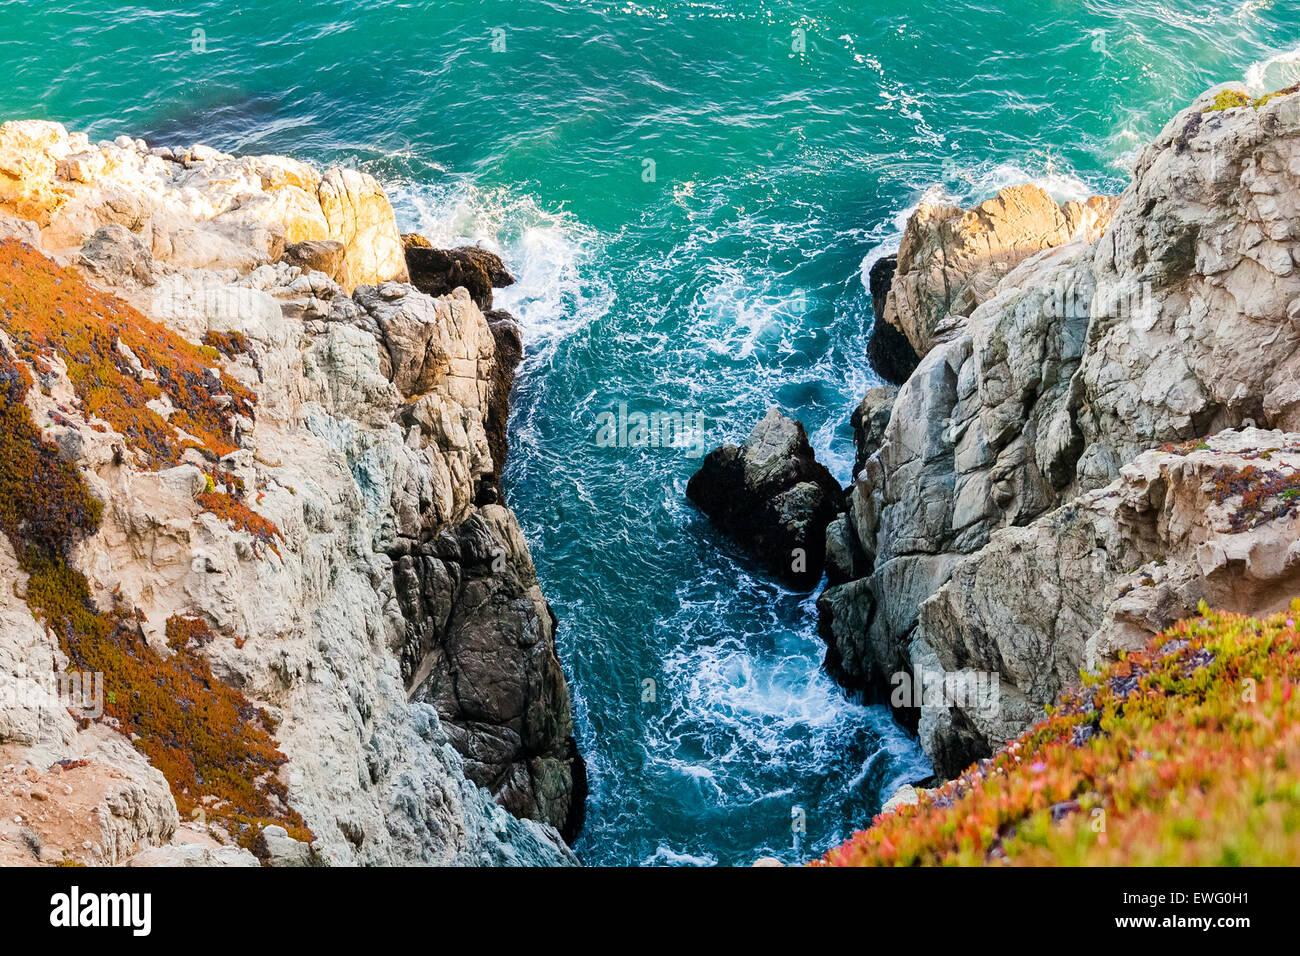 Ingresso oceano tra gli affioramenti rocciosi Immagini Stock